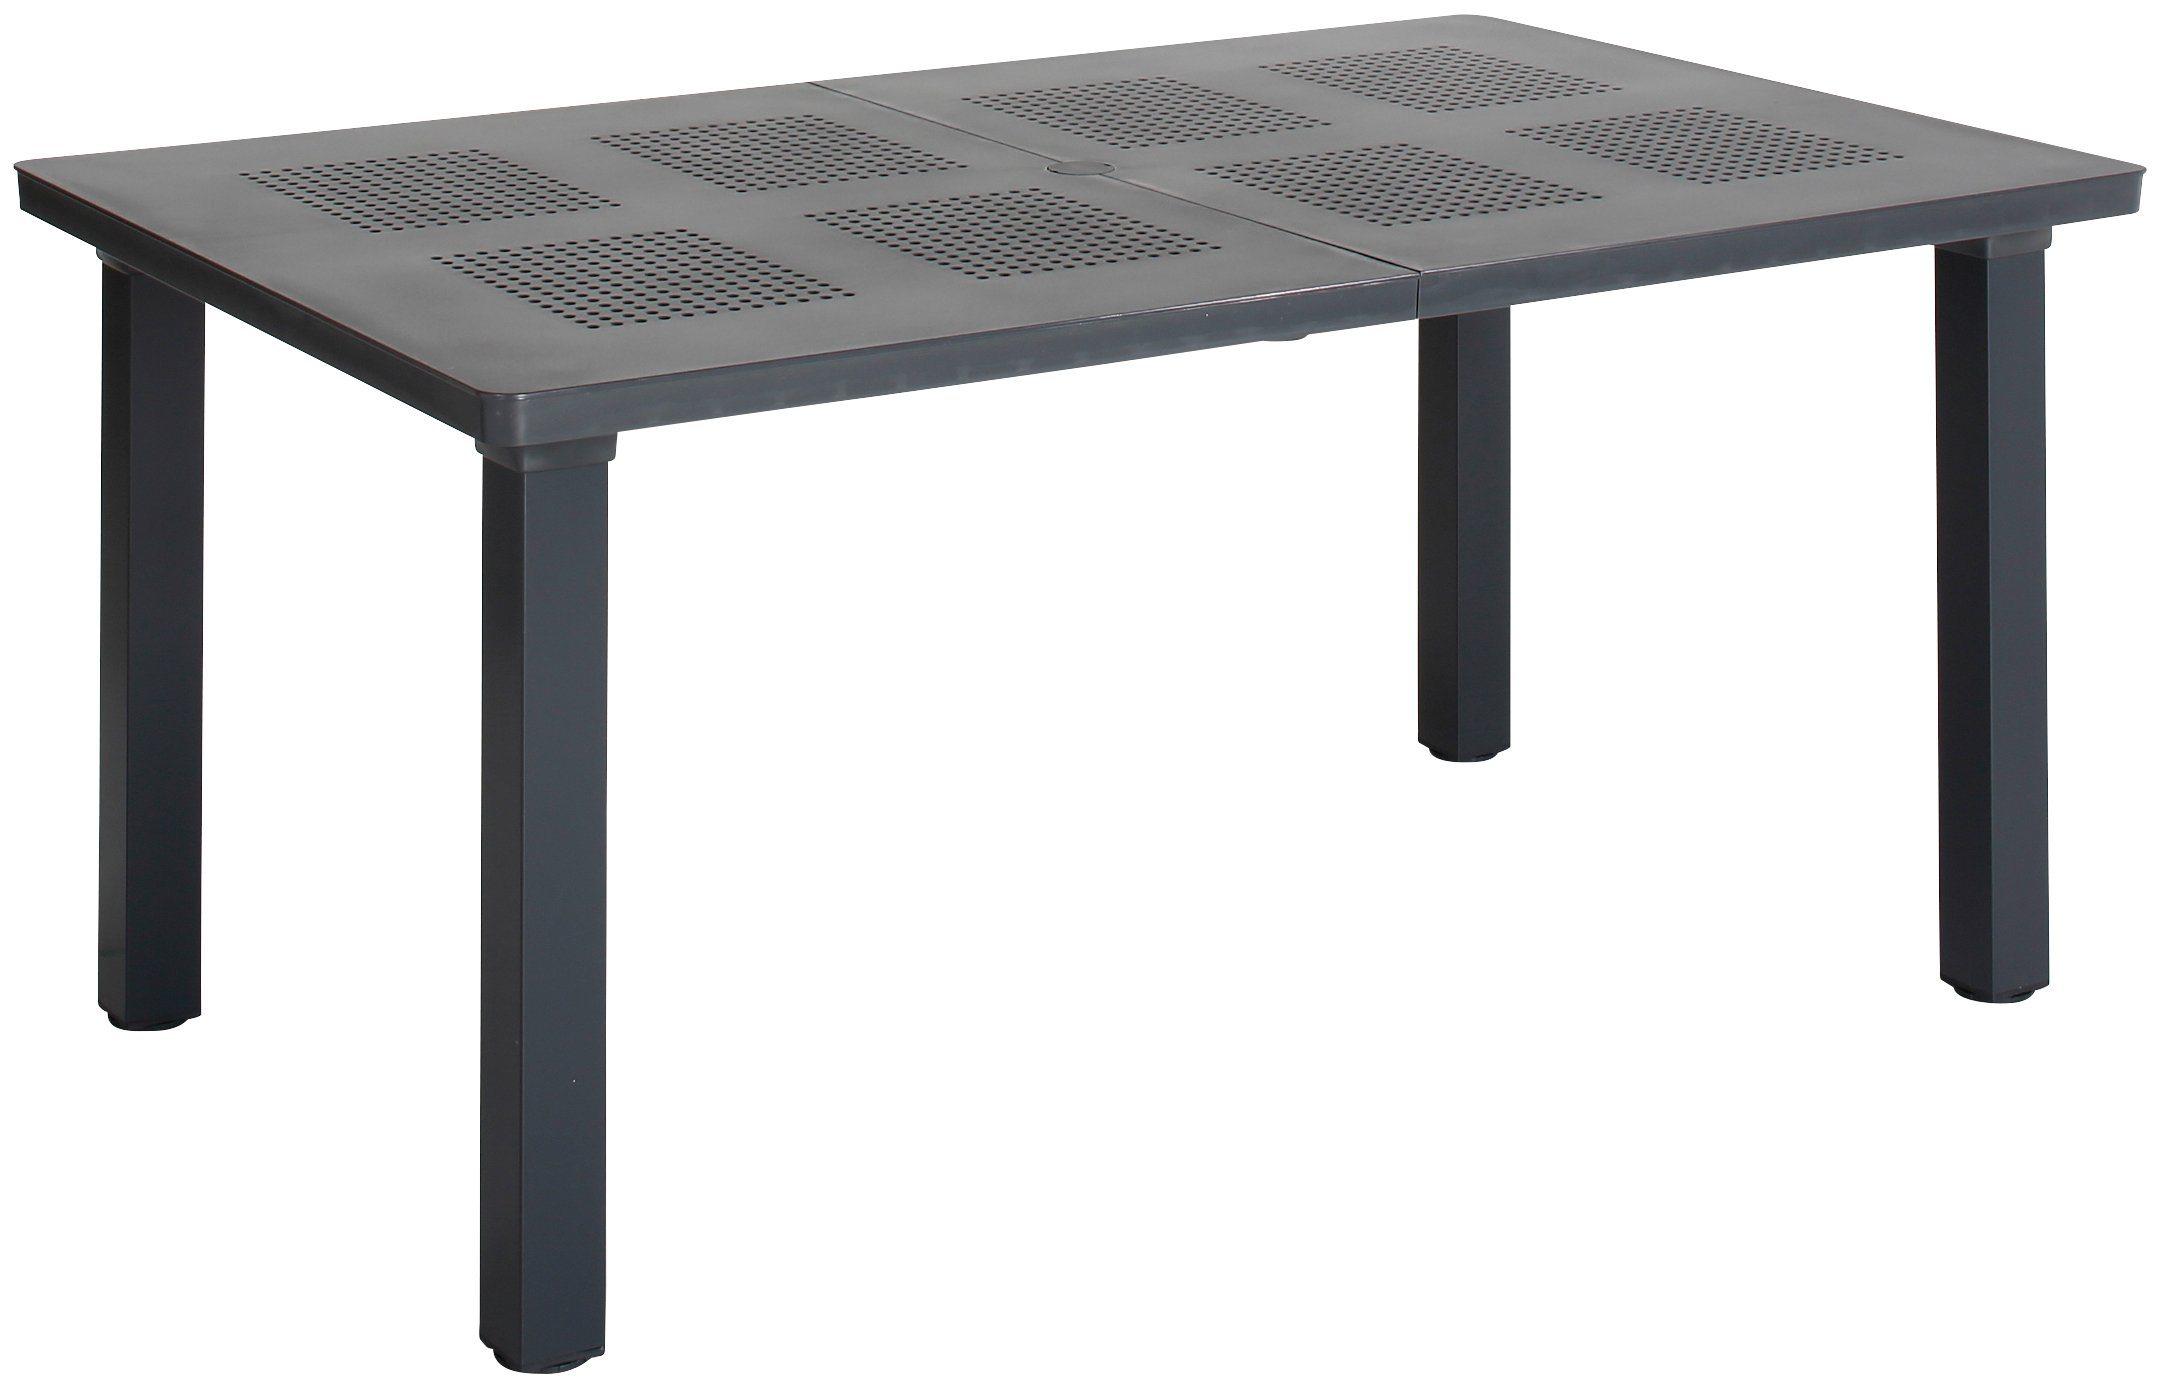 gartentisch ausziehbar kunststoff tisch with gartentisch ausziehbar kunststoff finest. Black Bedroom Furniture Sets. Home Design Ideas